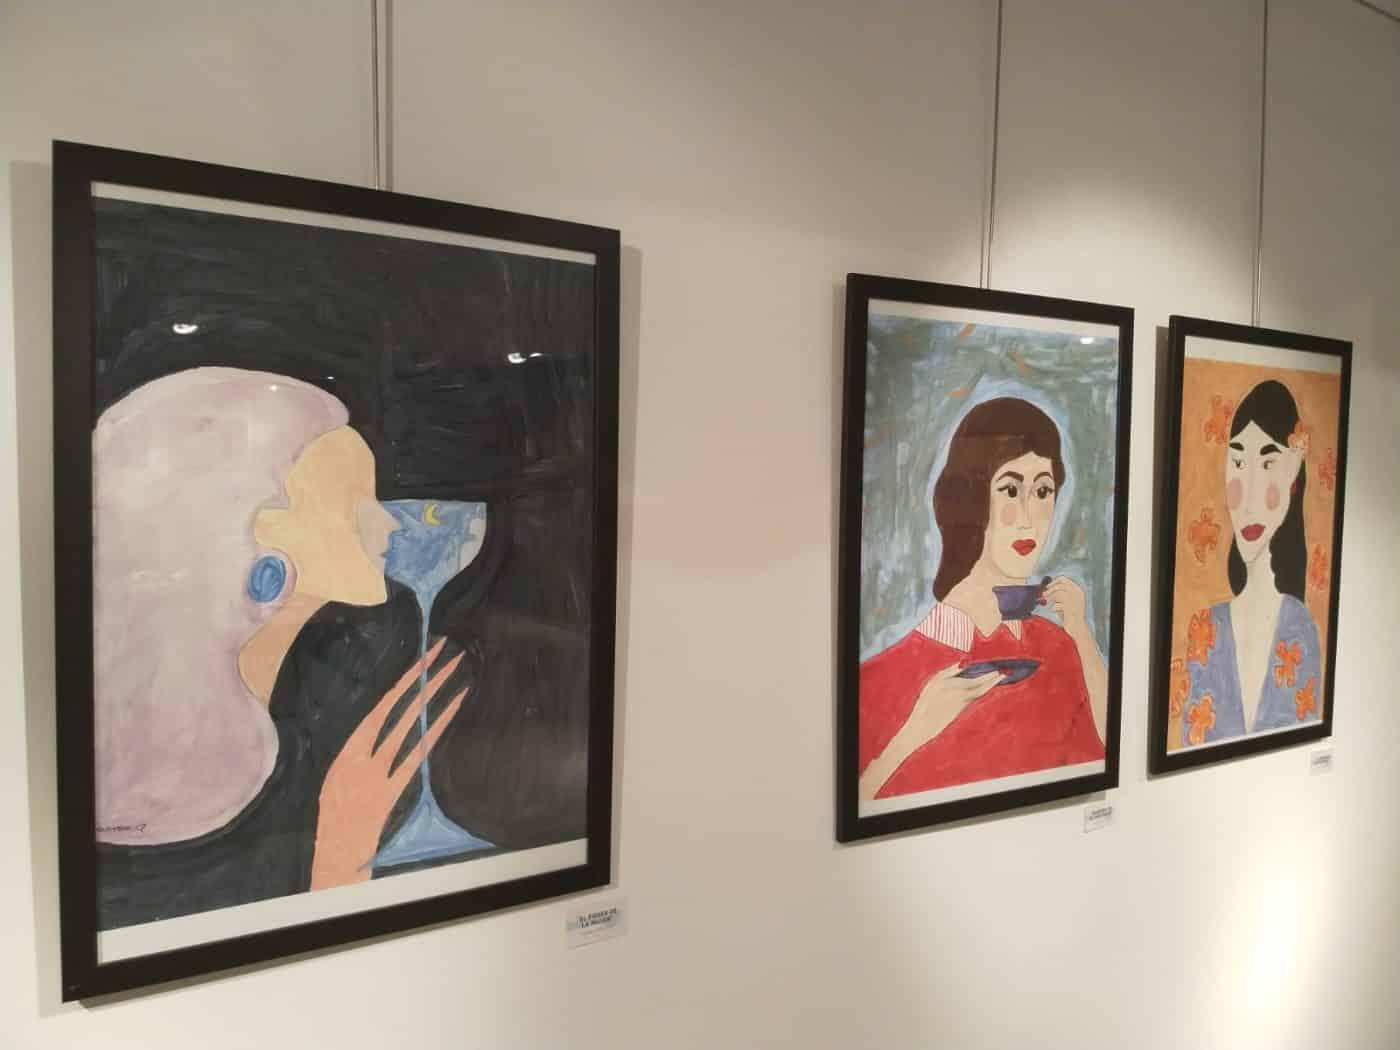 Arte como terapia: Las creaciones de los residentes del Hospital del Santo protagonizan la muestra 'ConFinArte' 4